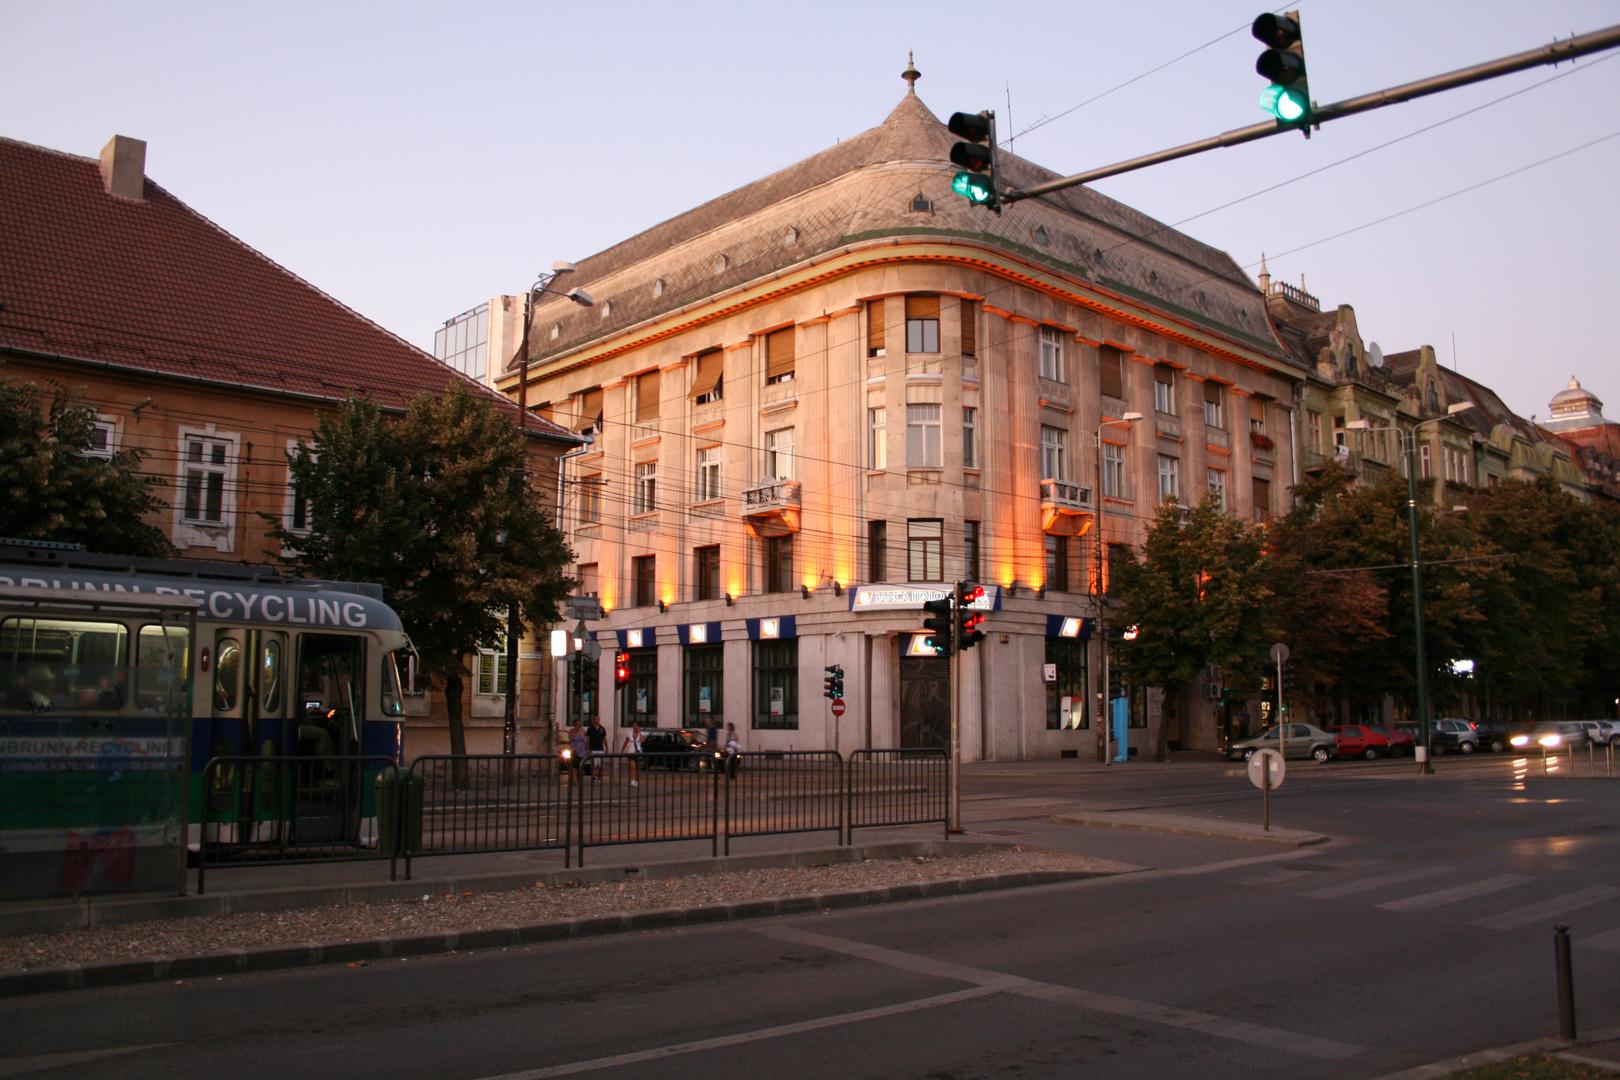 Timisiana Bank